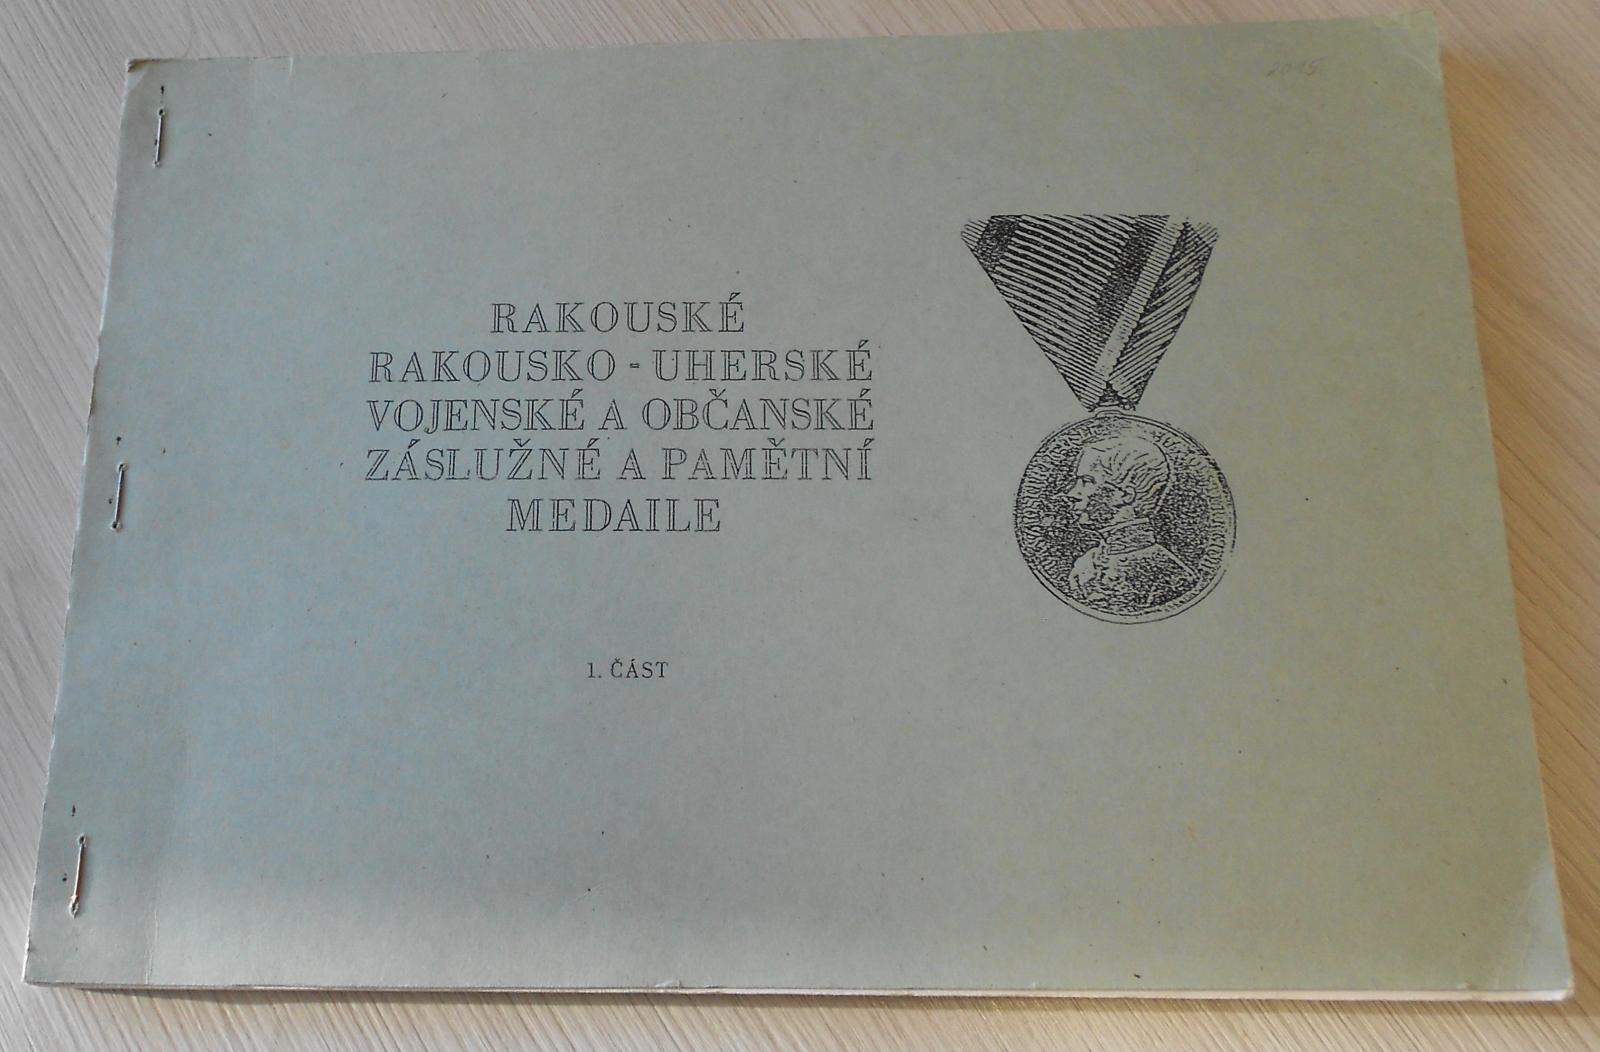 Rakousko-Uherské vojenské a občanské záslužné A pamětní medaile 1. část, cyklostyl